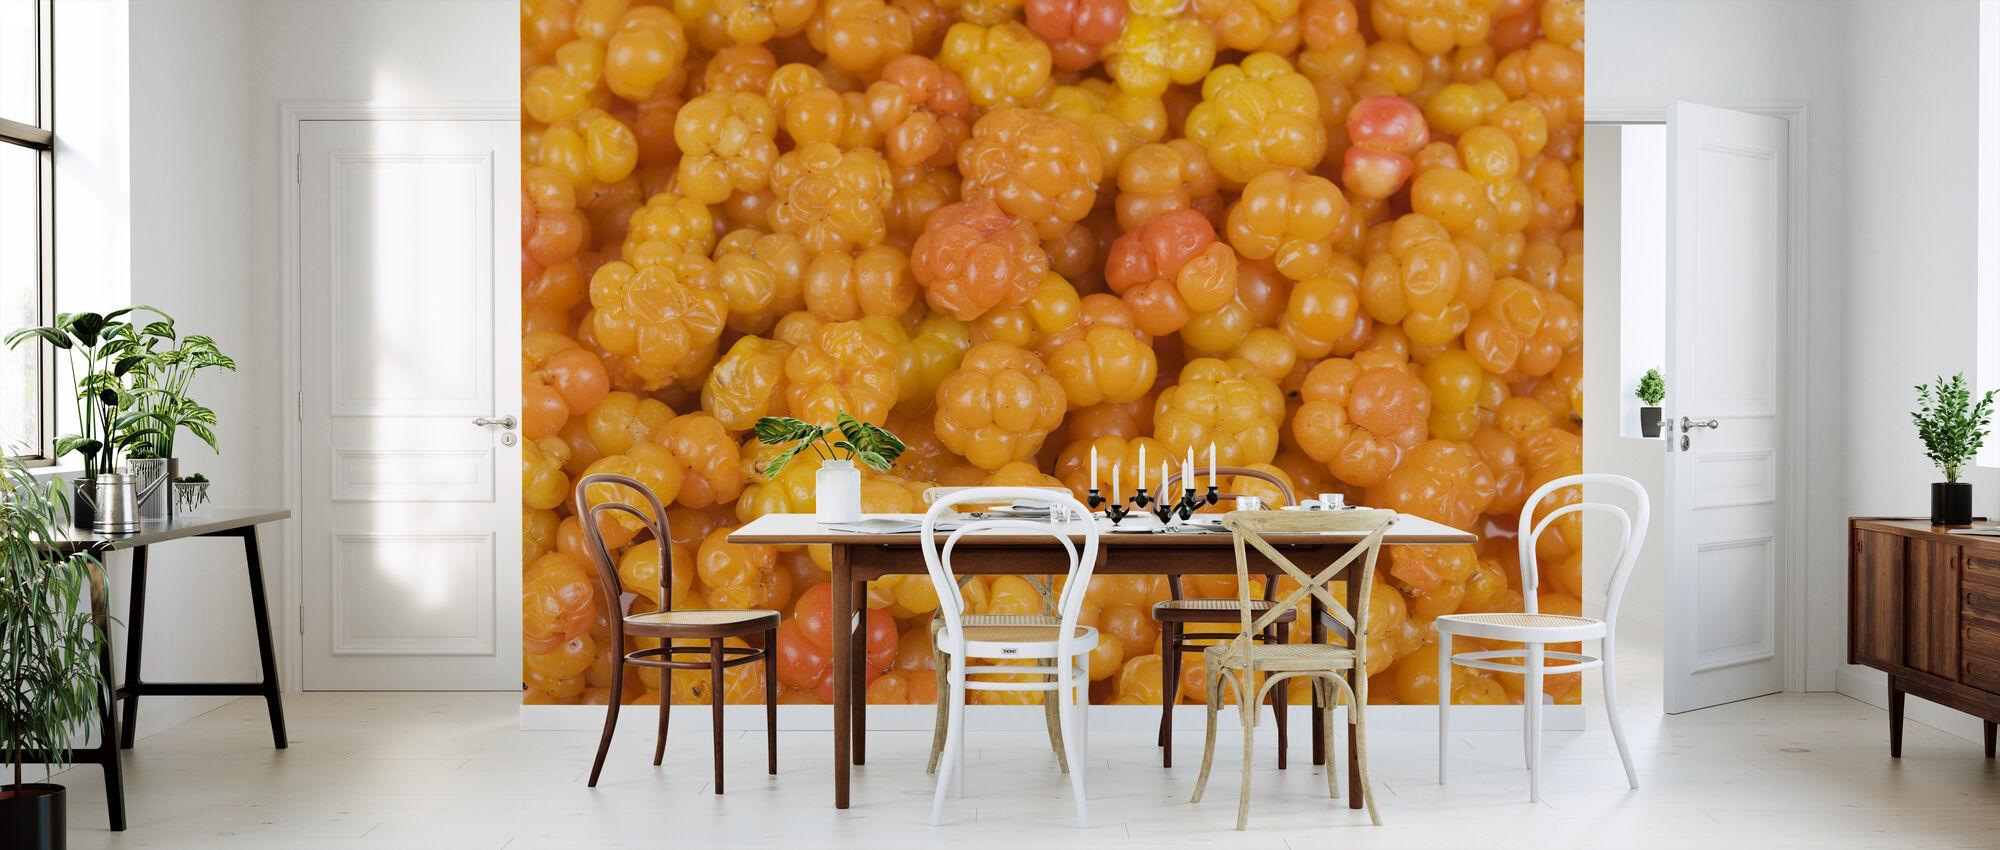 Cloudberry - Tapet - Kjøkken